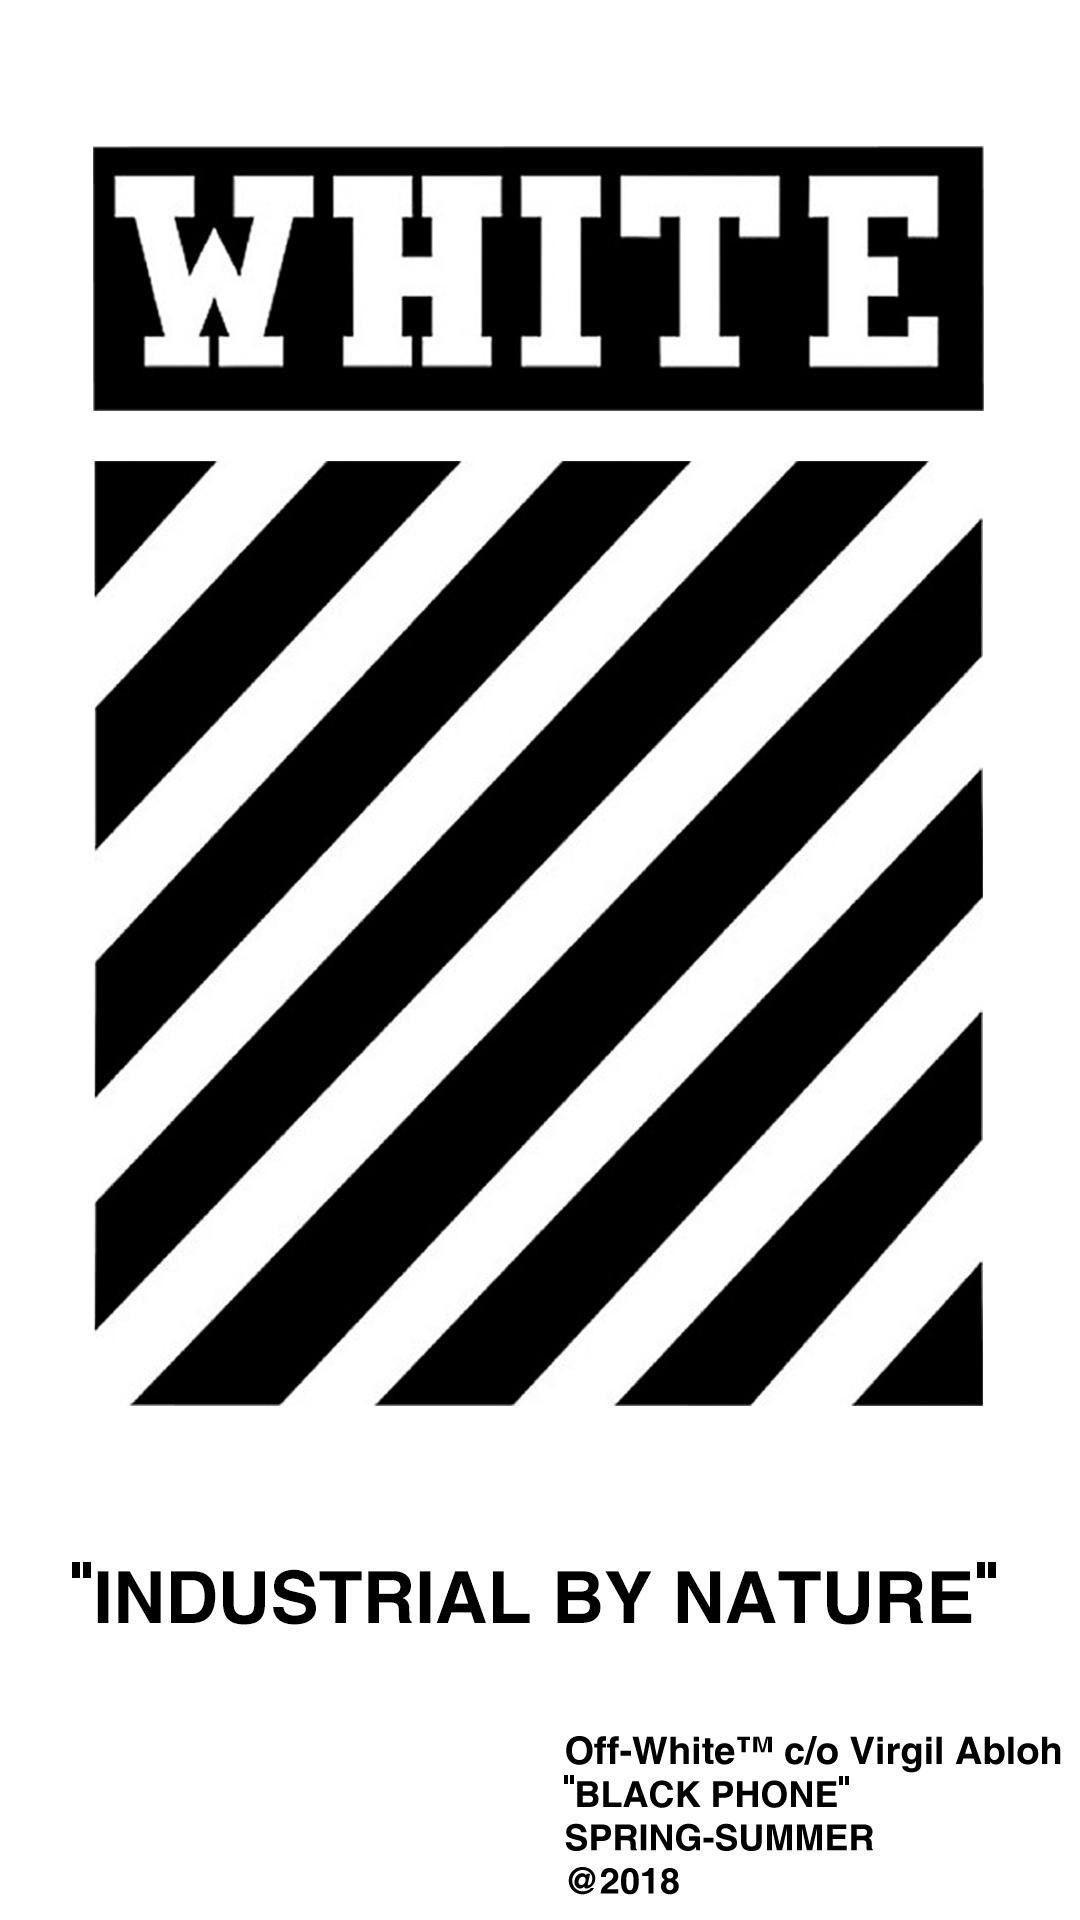 Hypebeast Wallpapers Nixxboi White Wallpaper For Iphone Hypebeast Wallpaper Iphone Wallpaper Off White